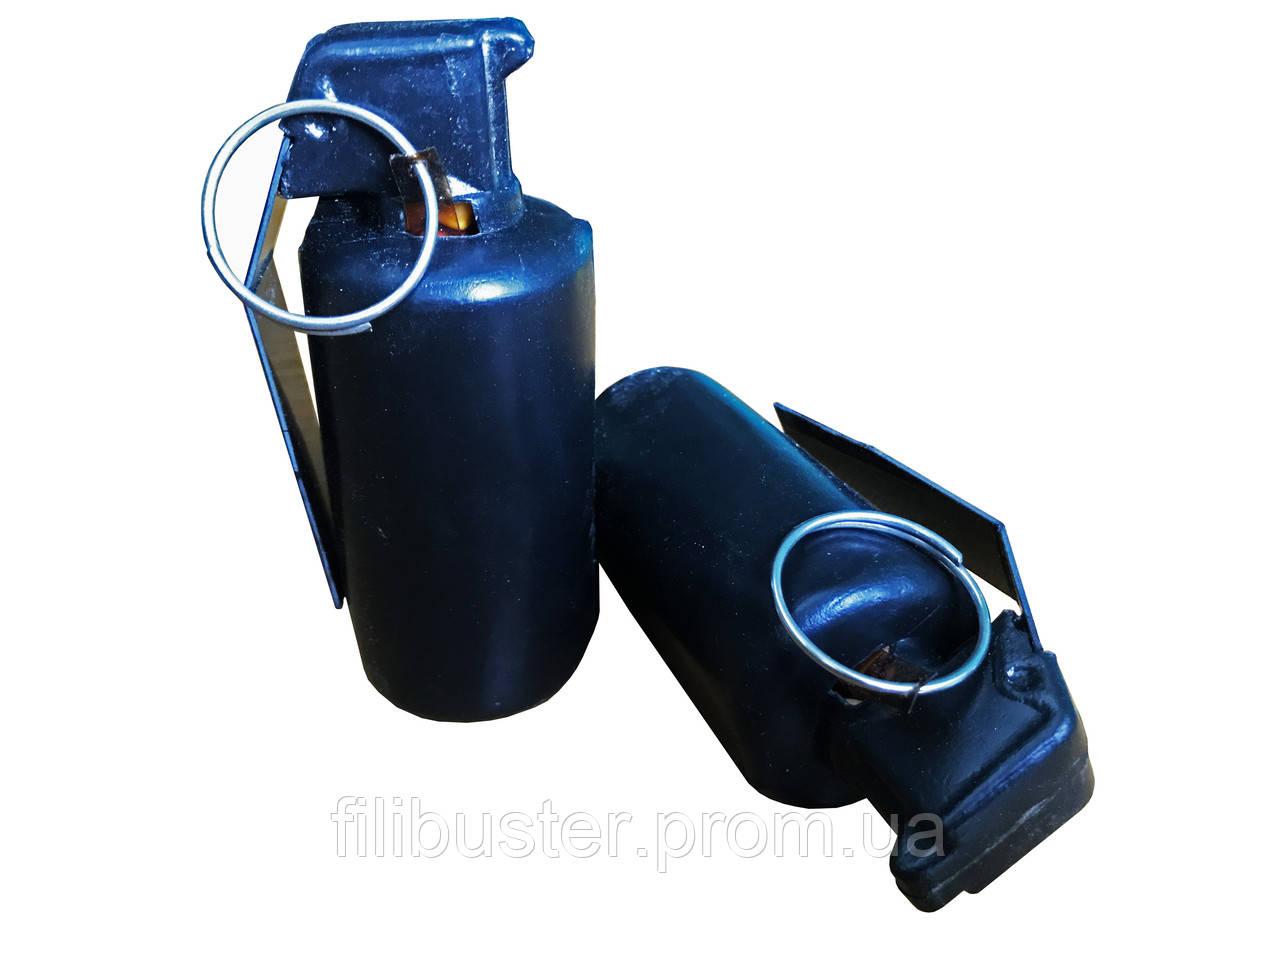 Страйкбольная граната Мк3а2